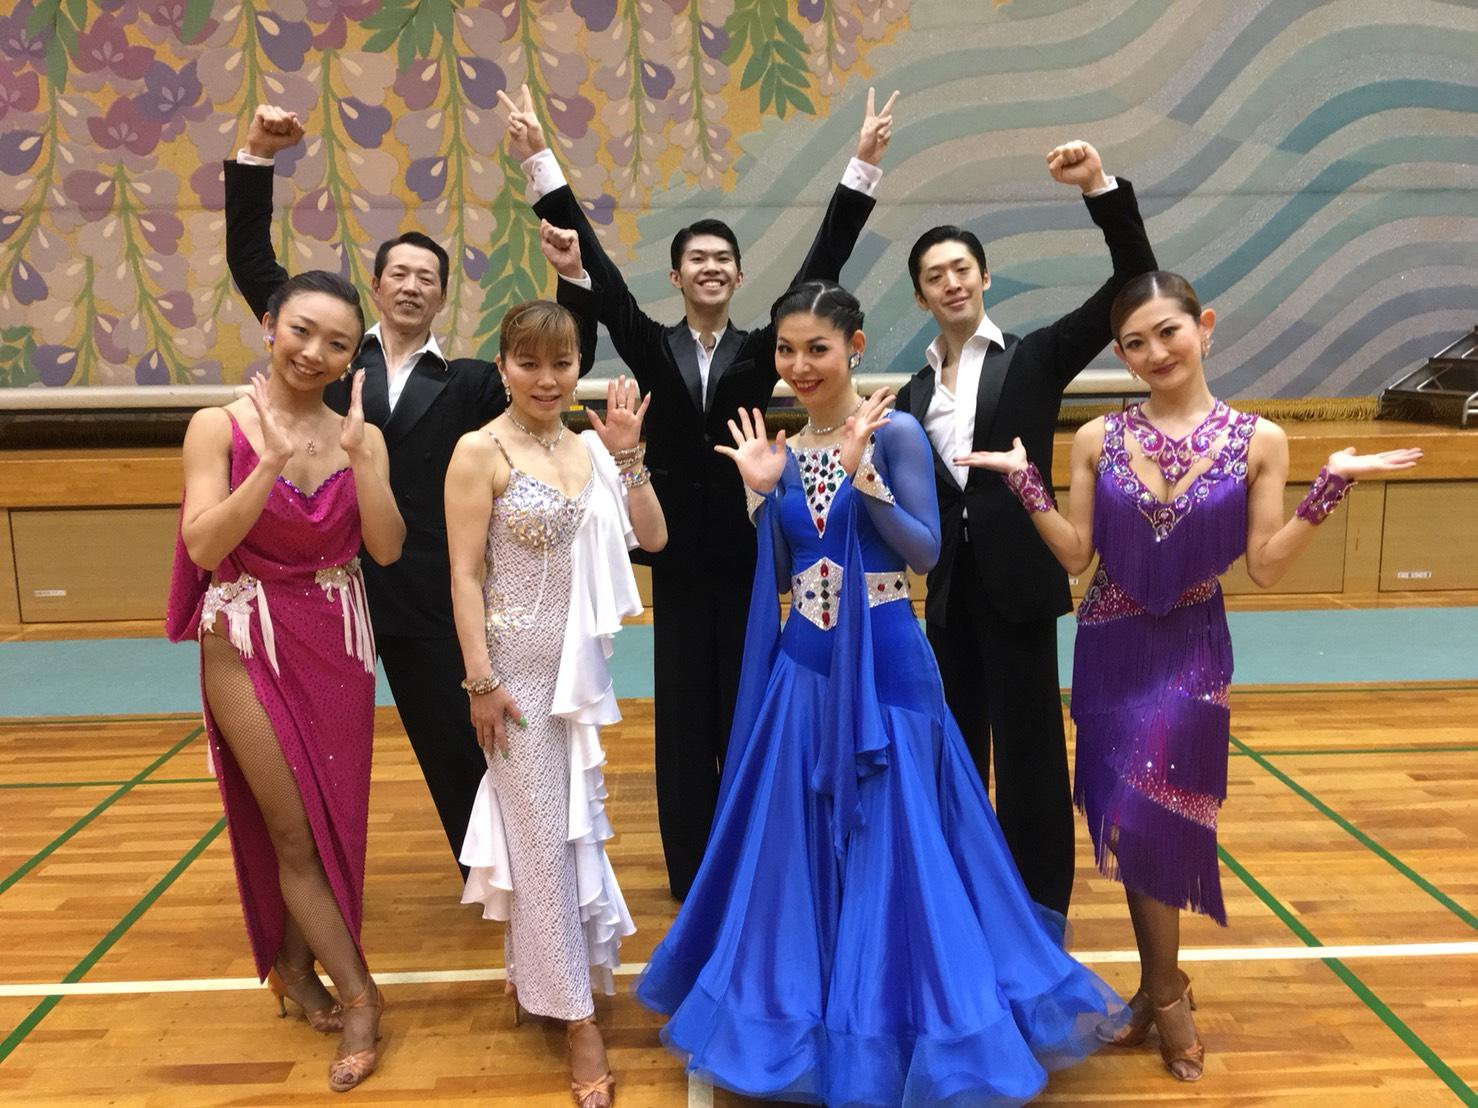 ダンスパーティー|春日部